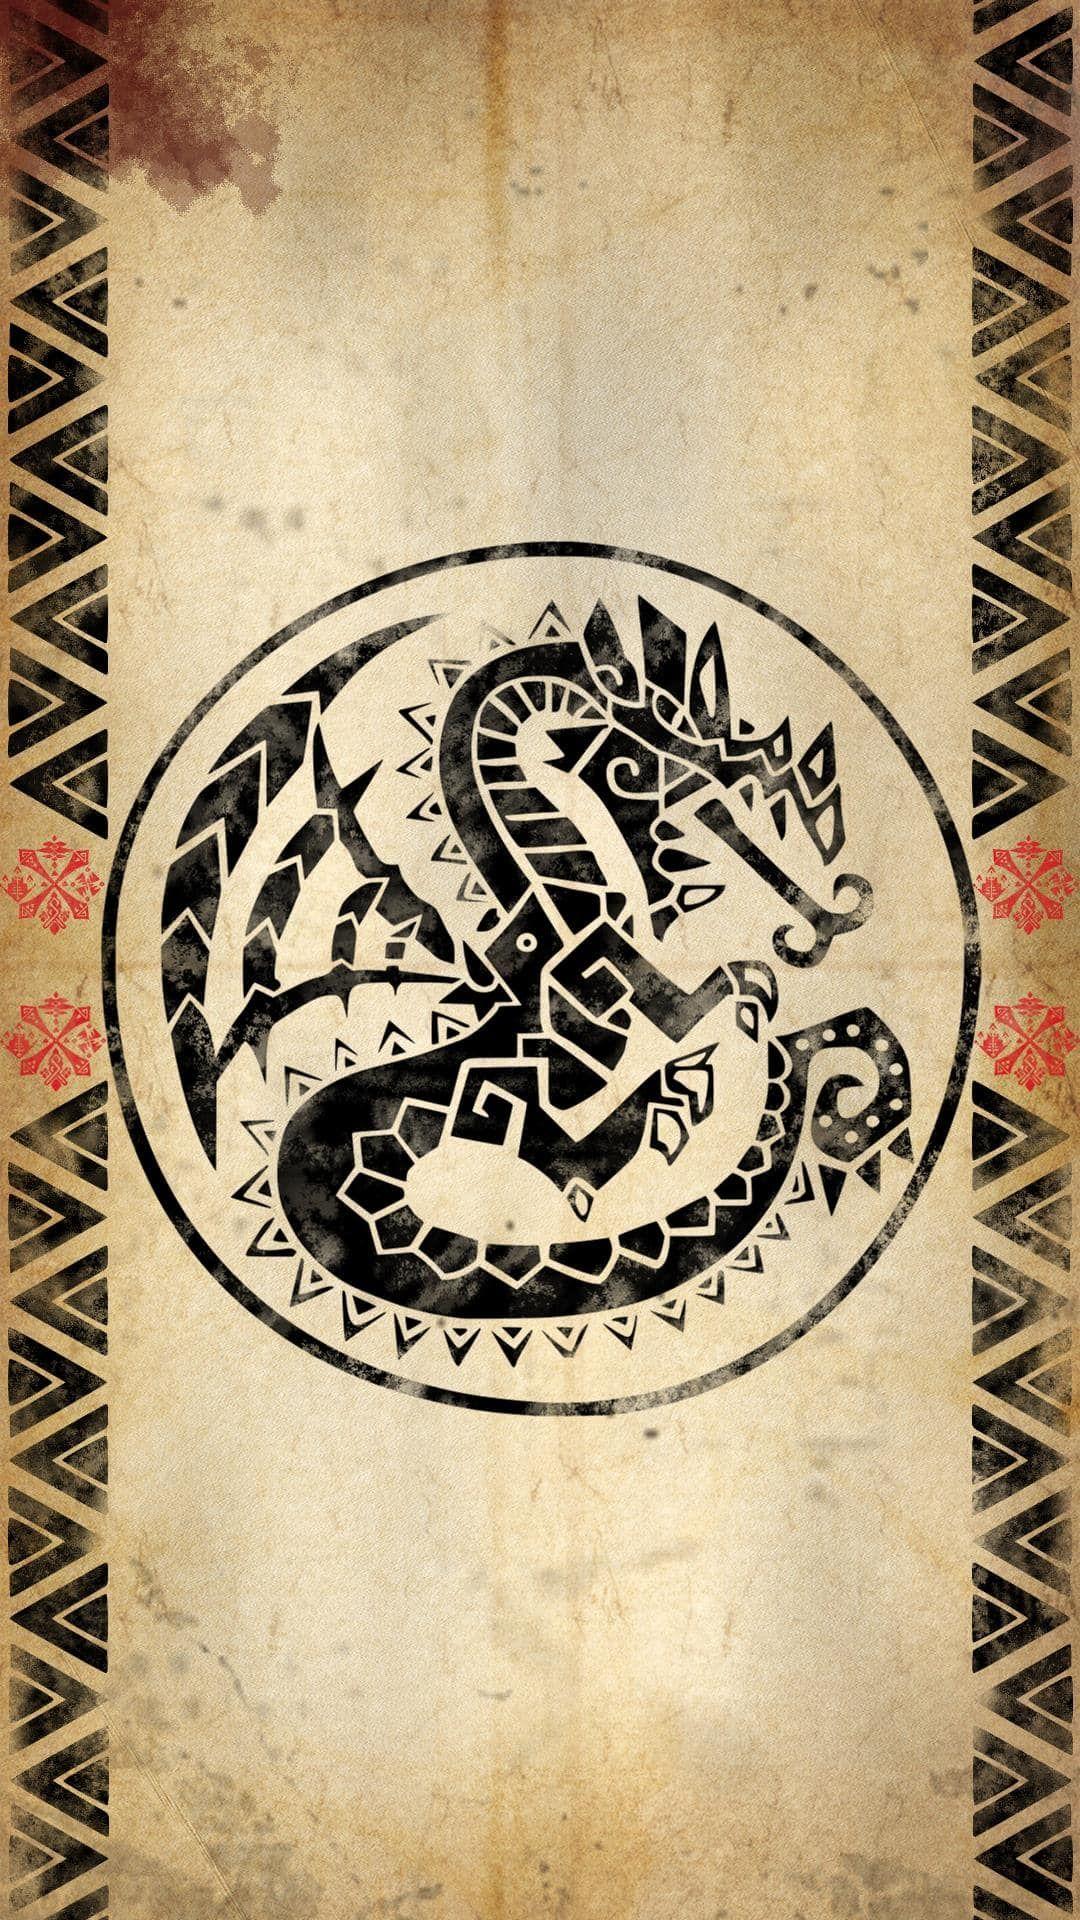 Pin By Tarik Brk On Monster Hunter Pinterest Monster Hunter